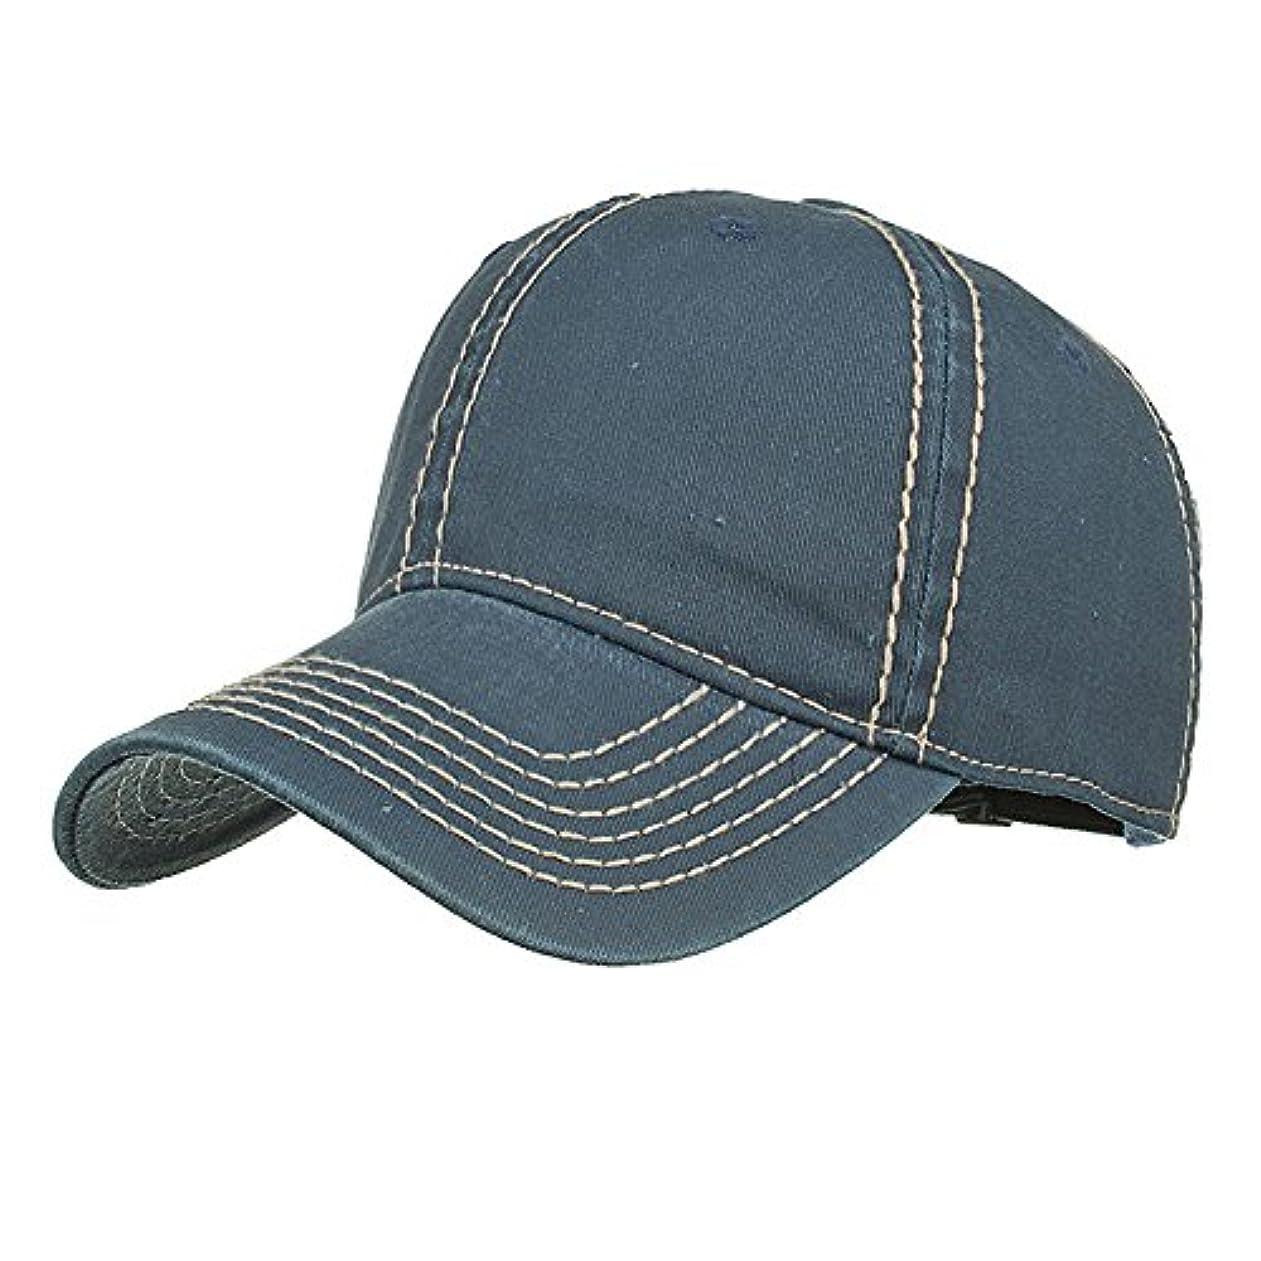 眉をひそめる退化する霊Racazing Cap 無地 野球帽 キャップ 夏 登山 通気性のある 帽子 ベルクロ 可調整可能 刺繍 棒球帽 UV 帽子 軽量 屋外 Unisex Hat (C)